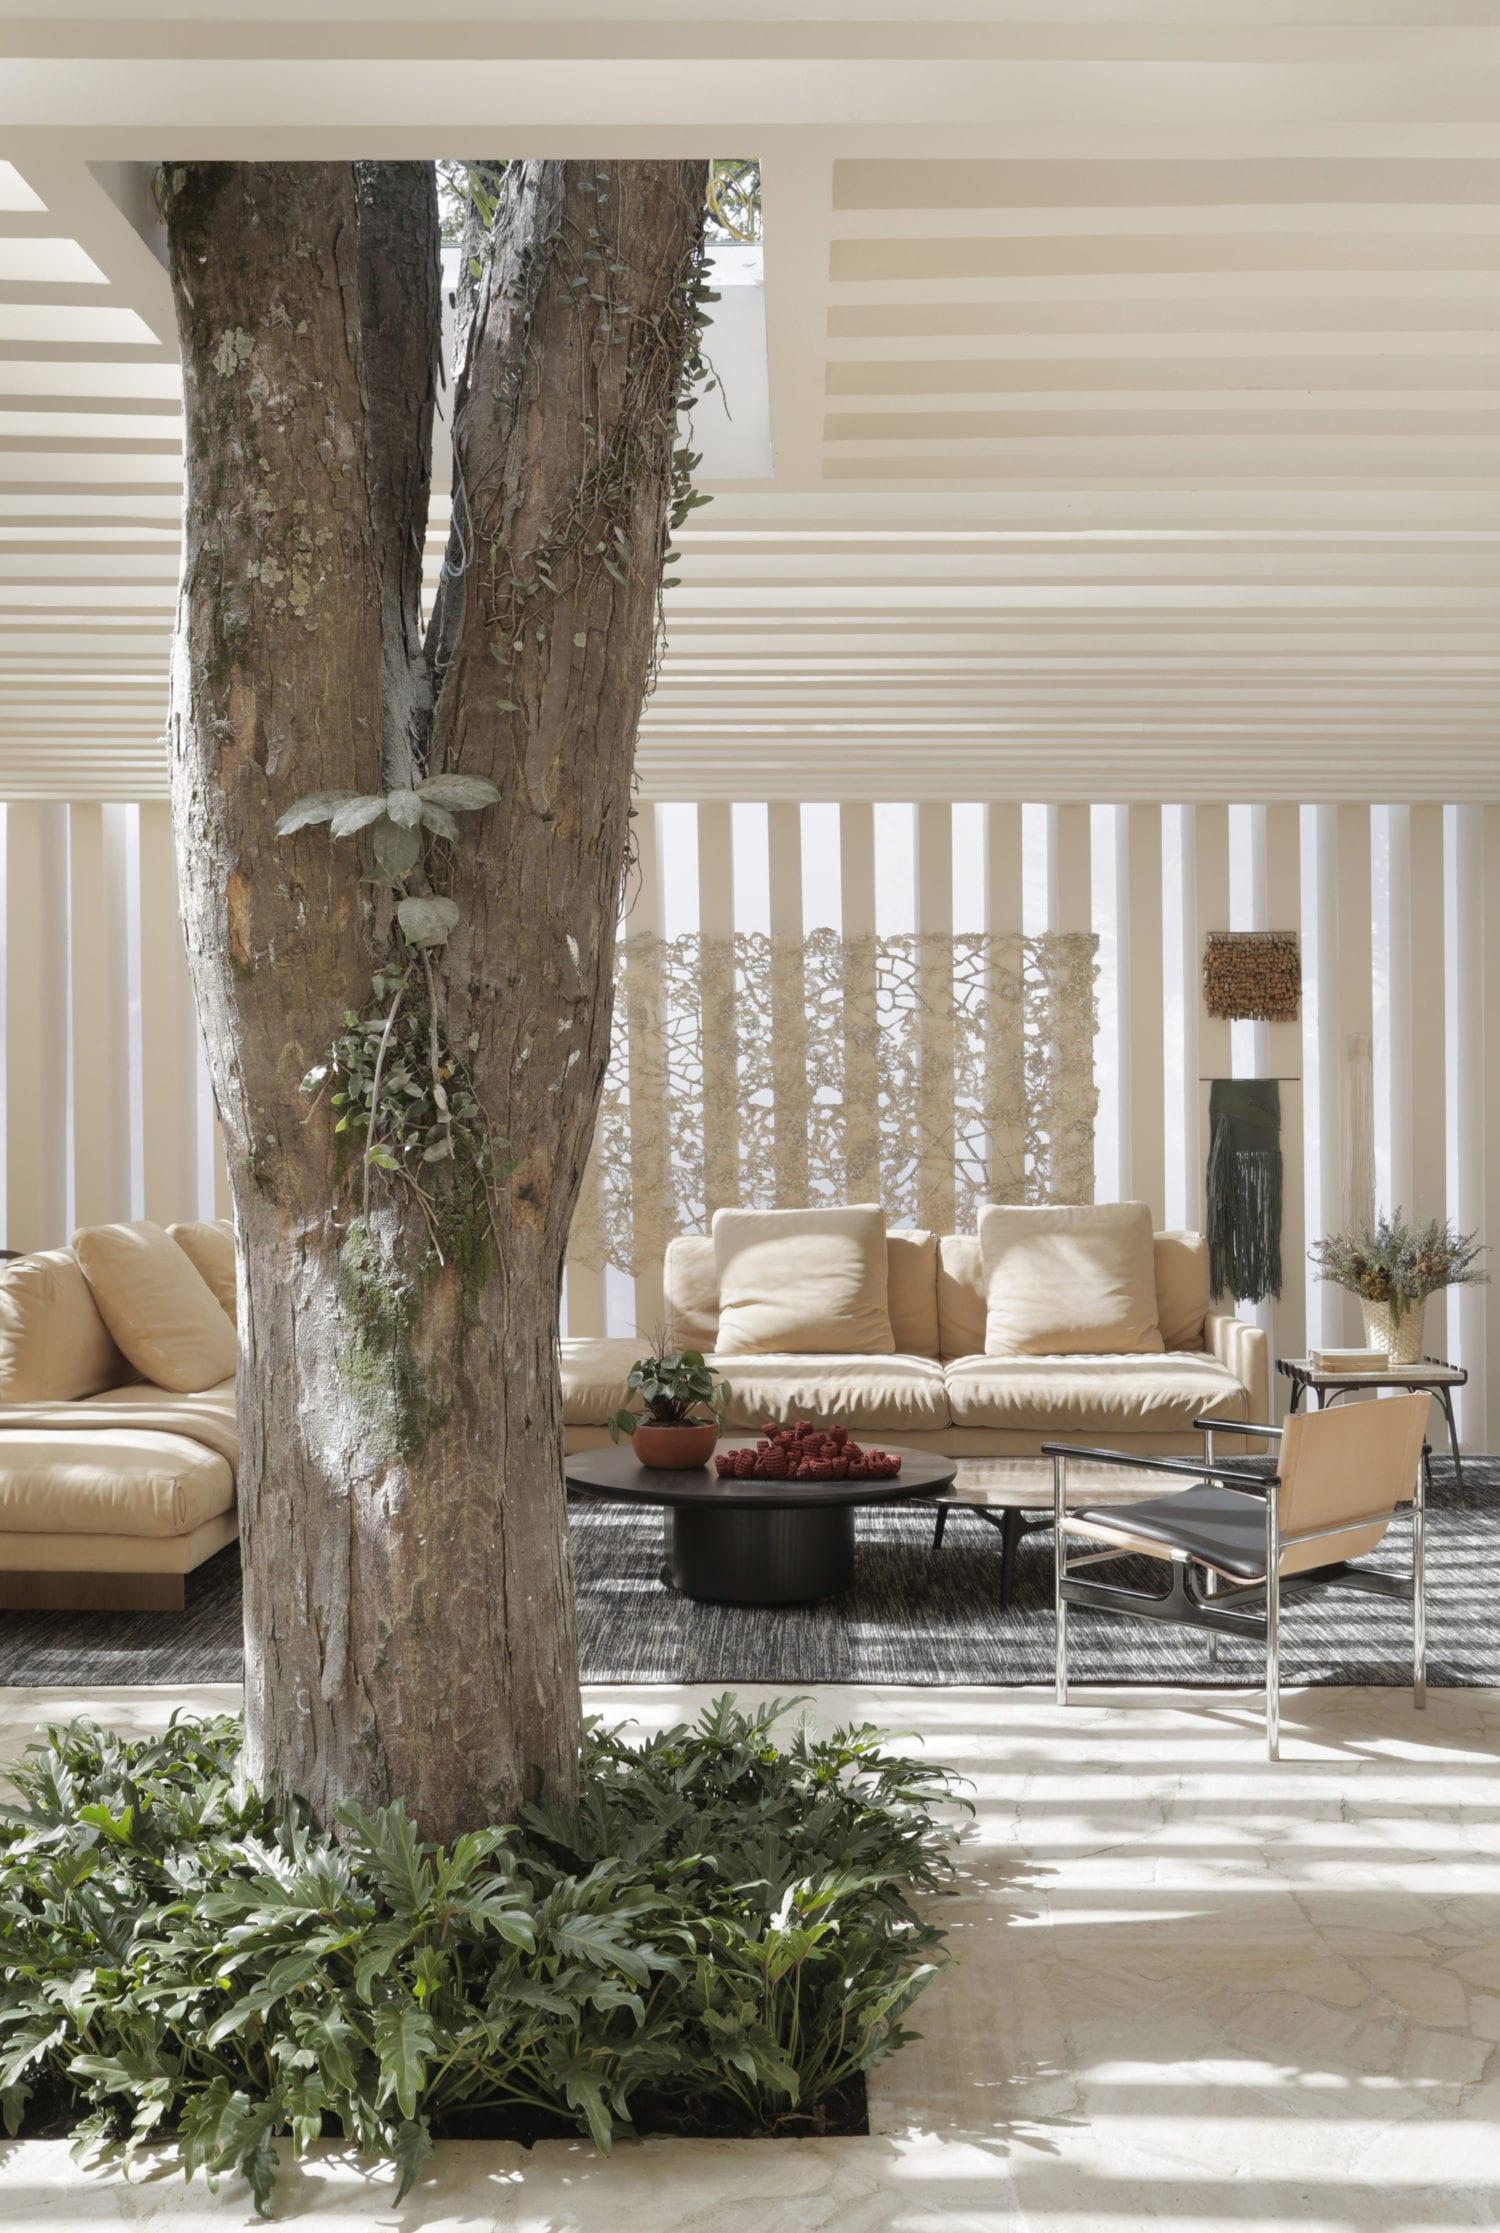 Sibipirunas Concept House in Cidade Jardim, Brazil by Studio Otto Felix | Yellowtrace